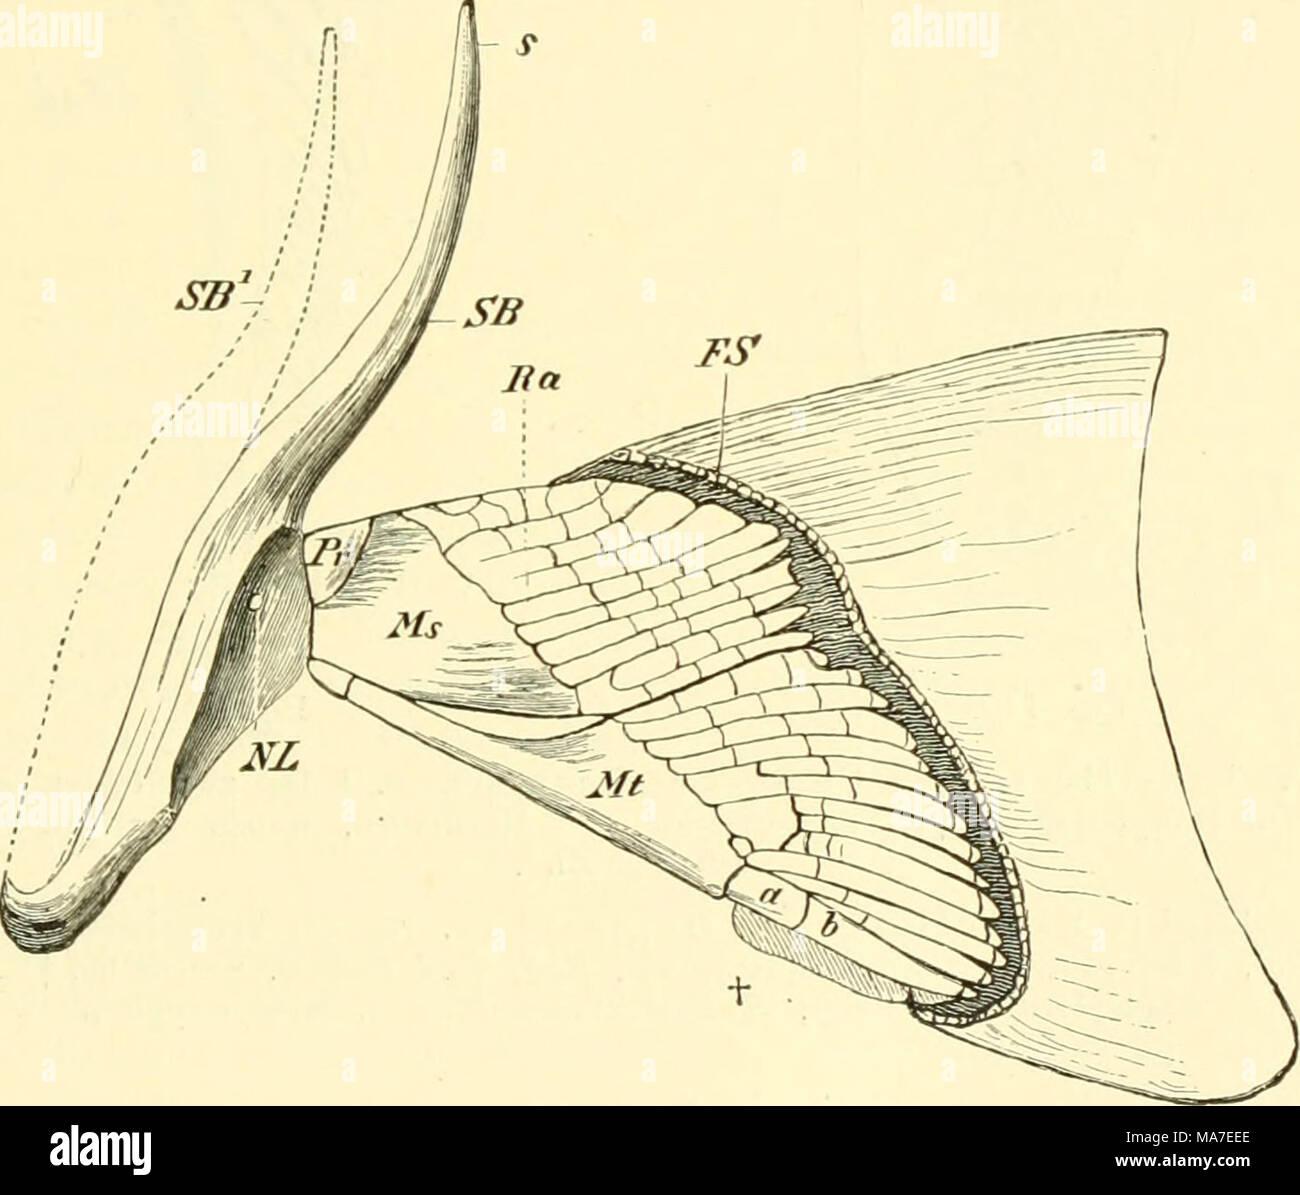 Niedlich Bogenförmige Linie Anatomie Fotos - Menschliche Anatomie ...